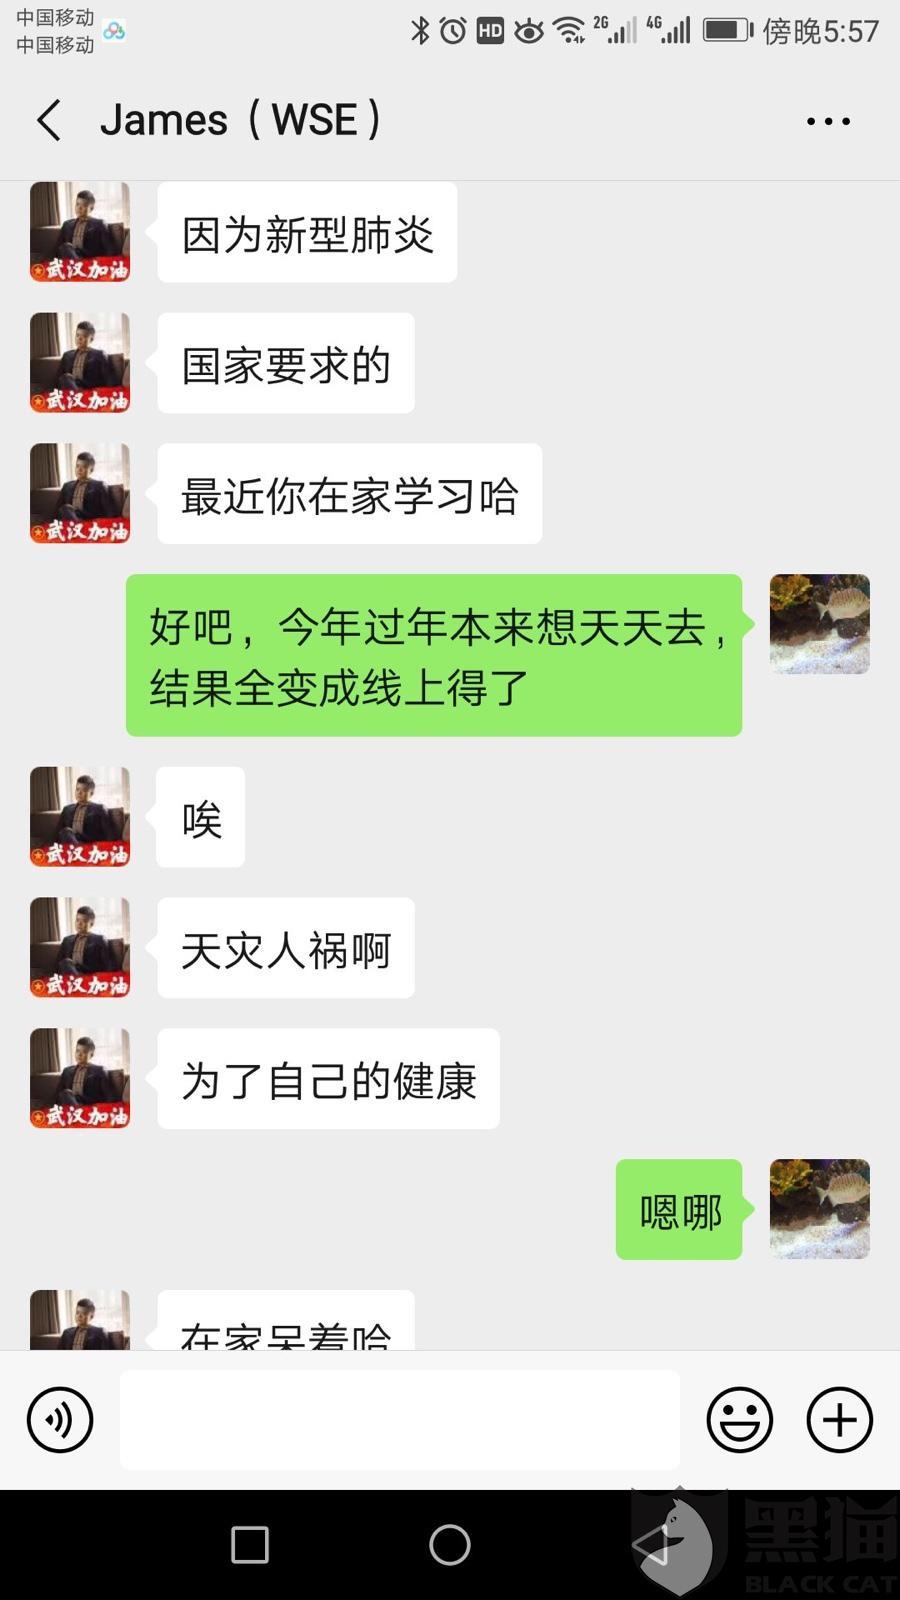 黑猫投诉:北京华尔街英语培训中心有限公司拒绝退款,拖延退款